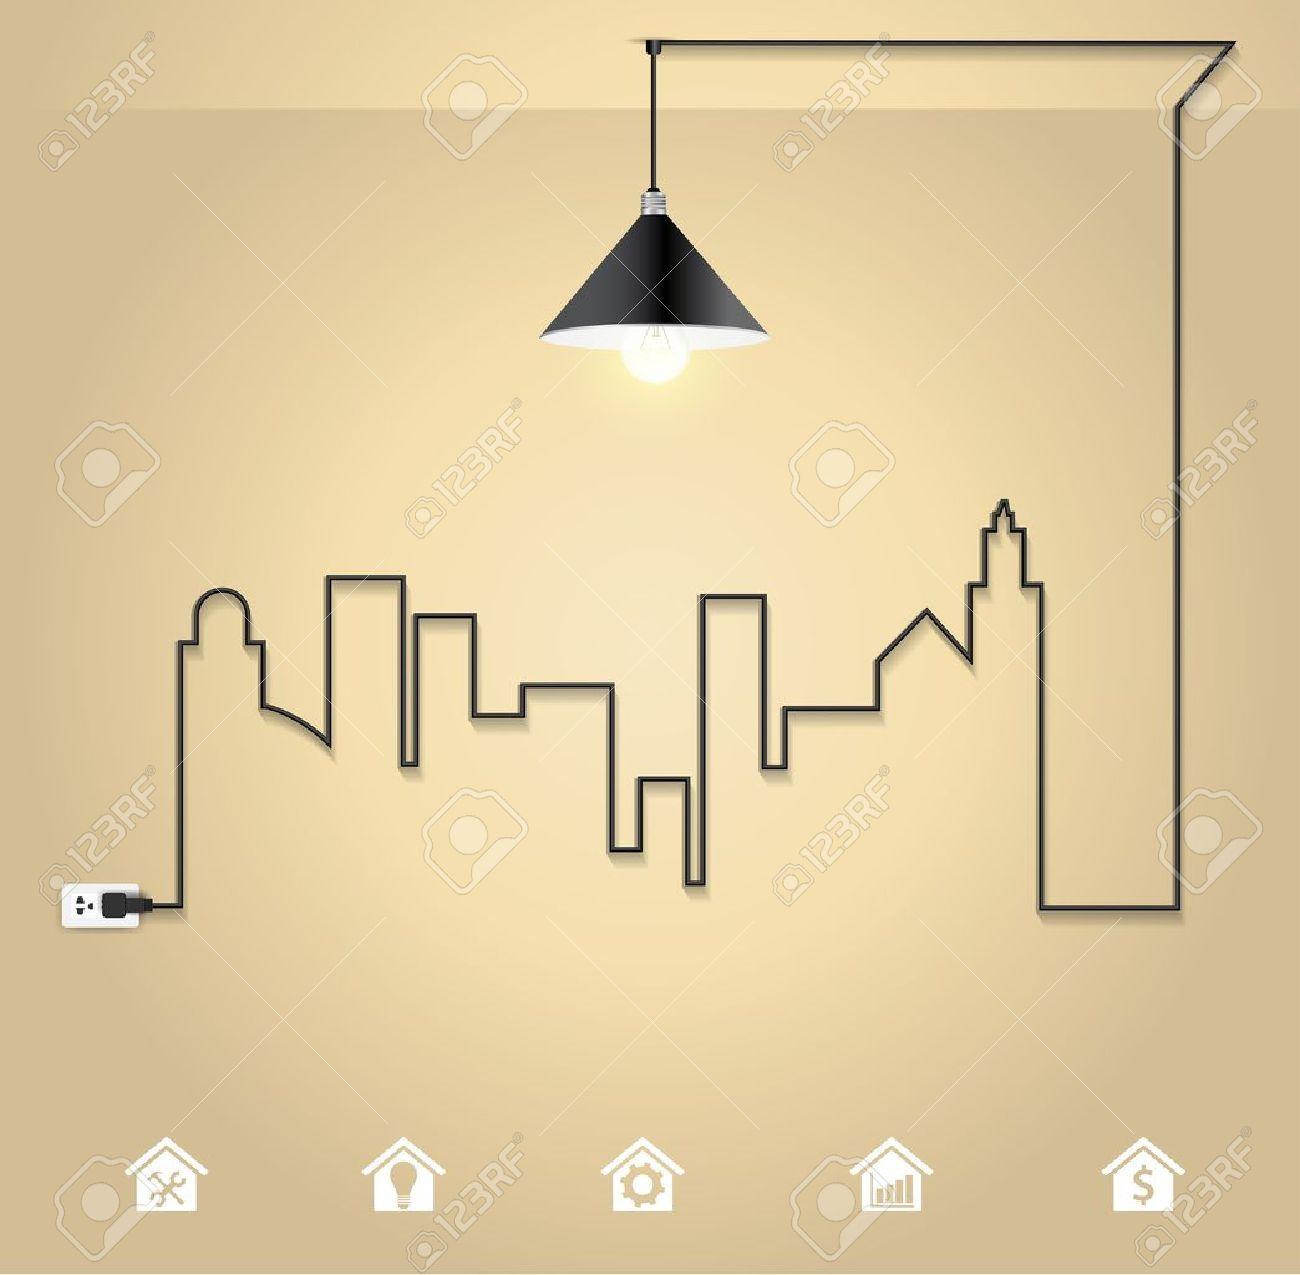 Interior Design Vector Cityscape With Creative Wire Light Bulb Idea Concept